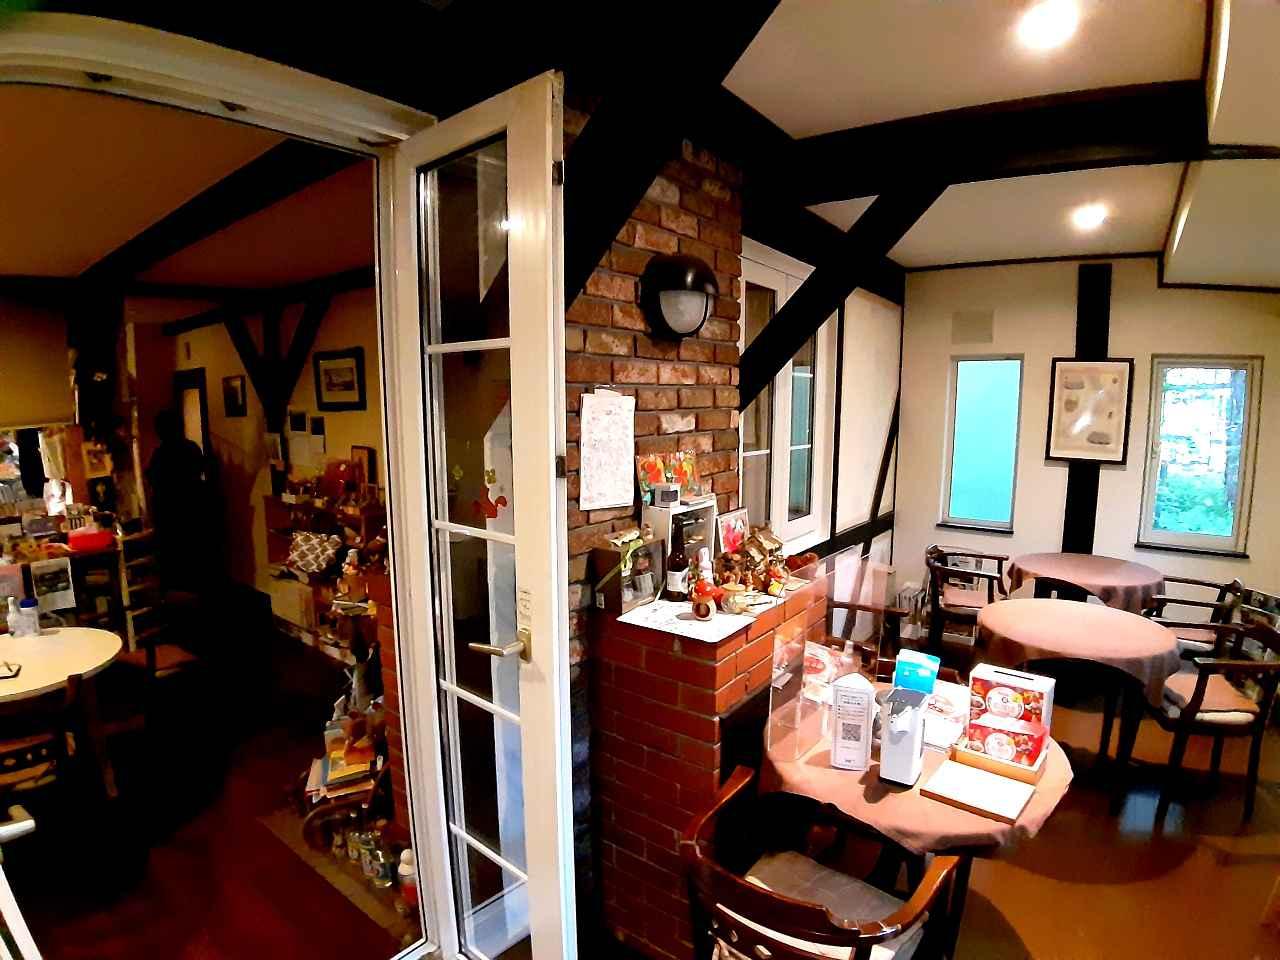 画像: さまざまな調度品などで旅行好きの片鱗が伺える1階部分のカフェ&ダイニング